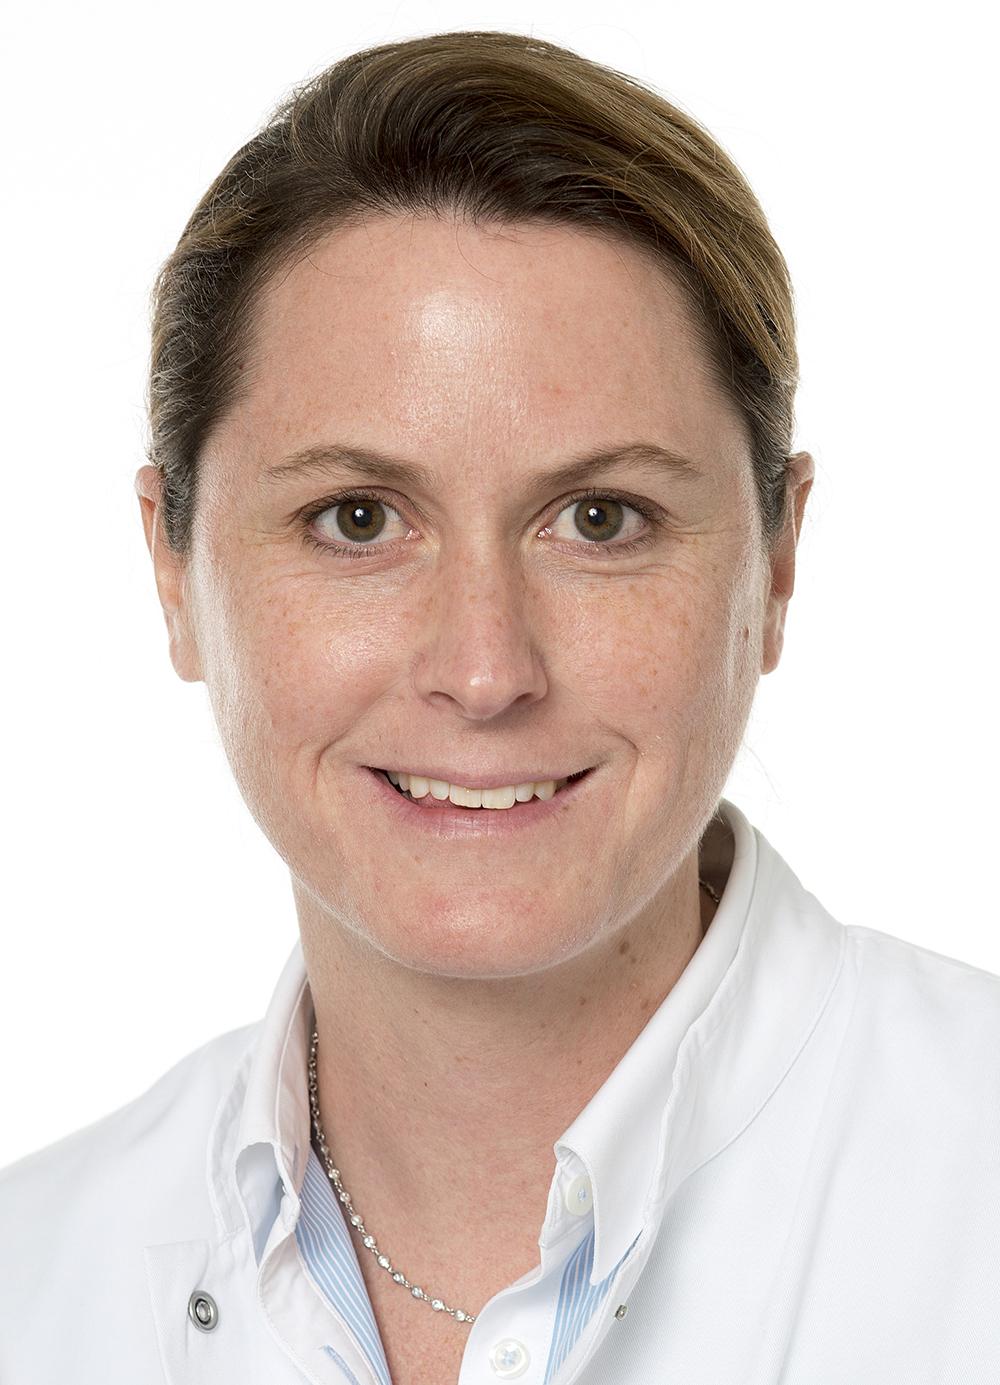 Deutsche Forschungsgemeinschaft fördert Wissenschaftlerin an der Universitäts-Augenklinik mit über 500.000 Euro